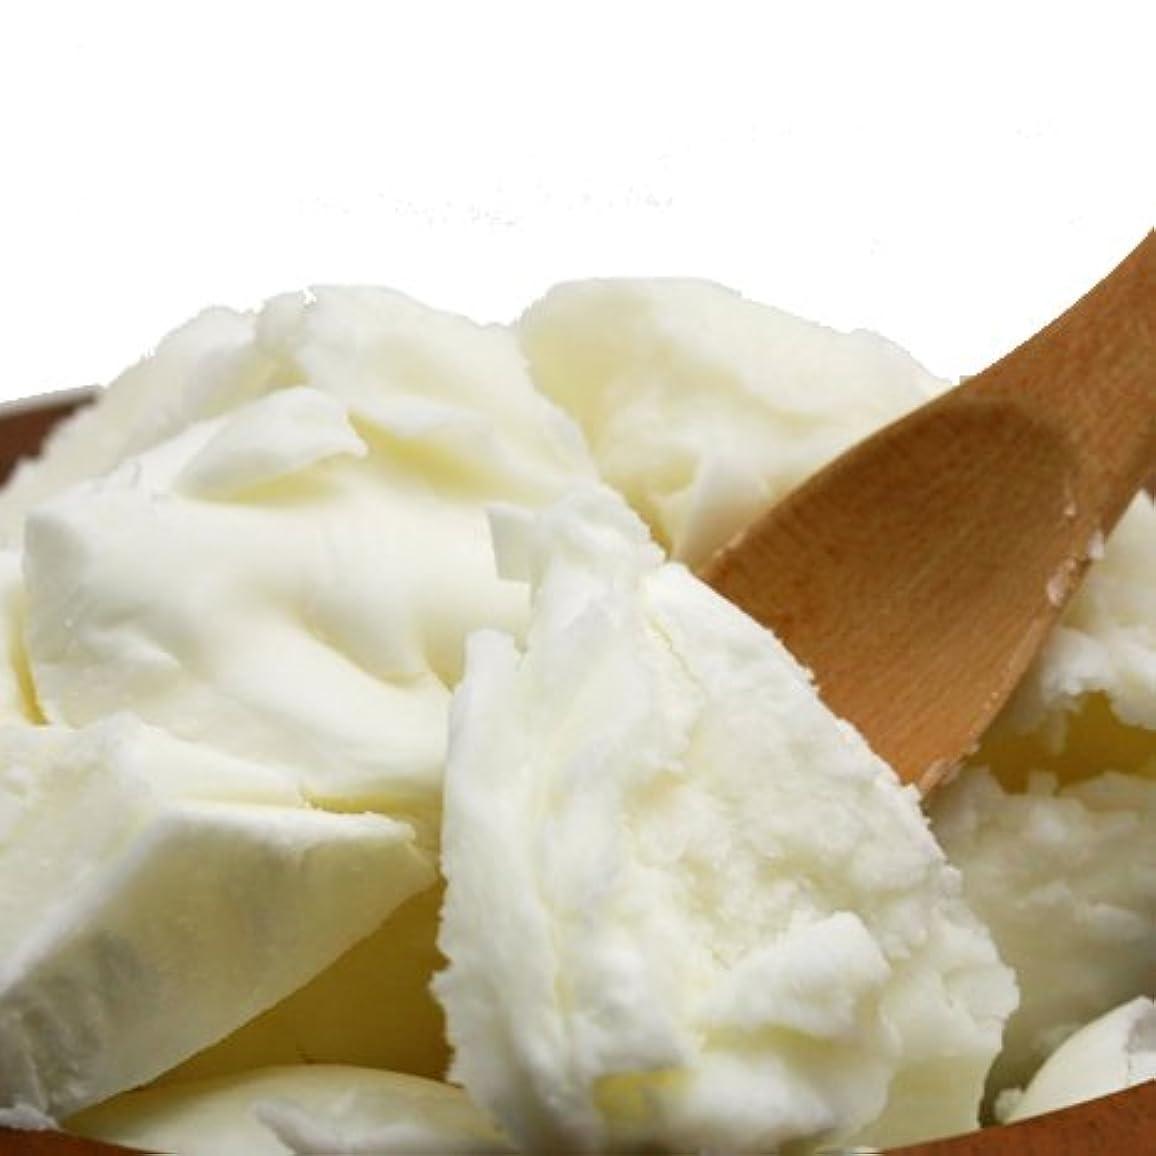 比較染色魔術オーガニック 精製シアバター 100g シア脂 【手作り石鹸/手作りコスメ/手作り化粧品】